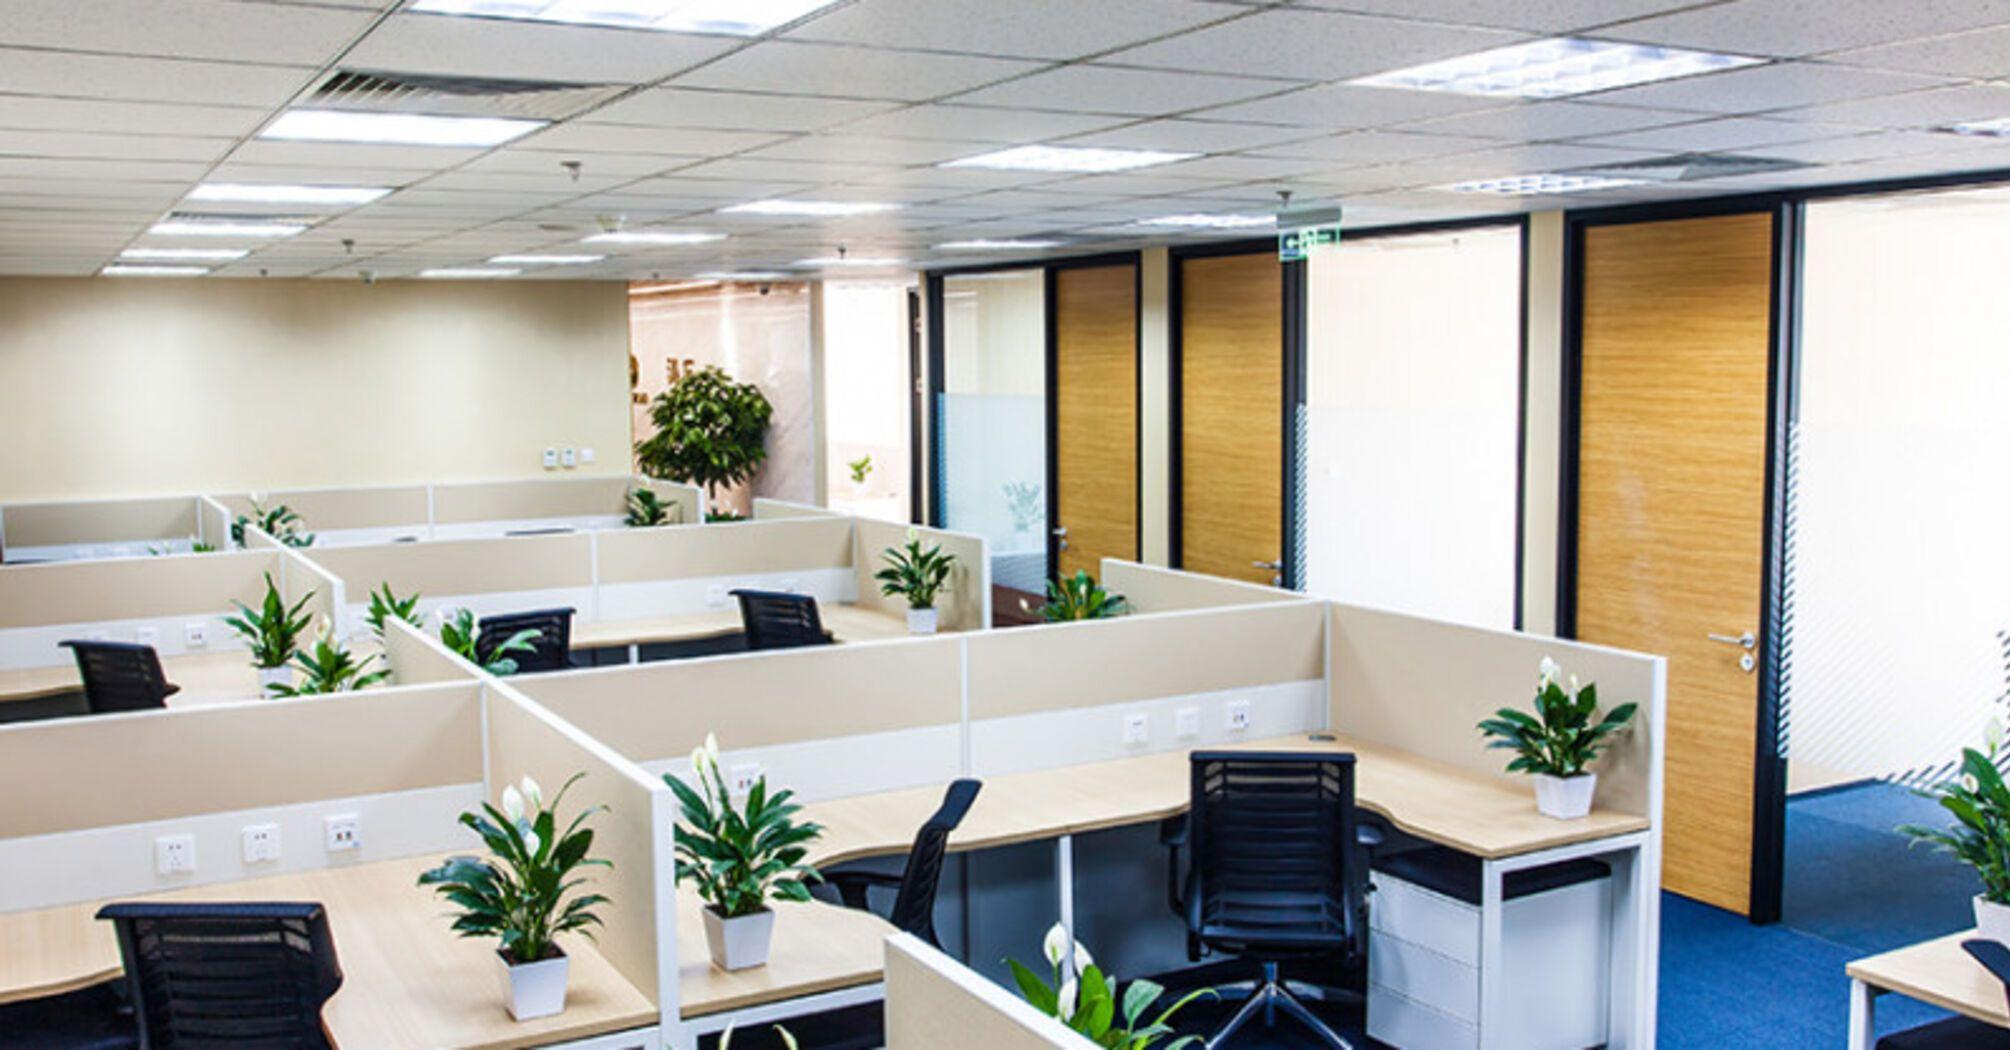 Найти выгодное помещение для бизнеса: аренда vs покупка